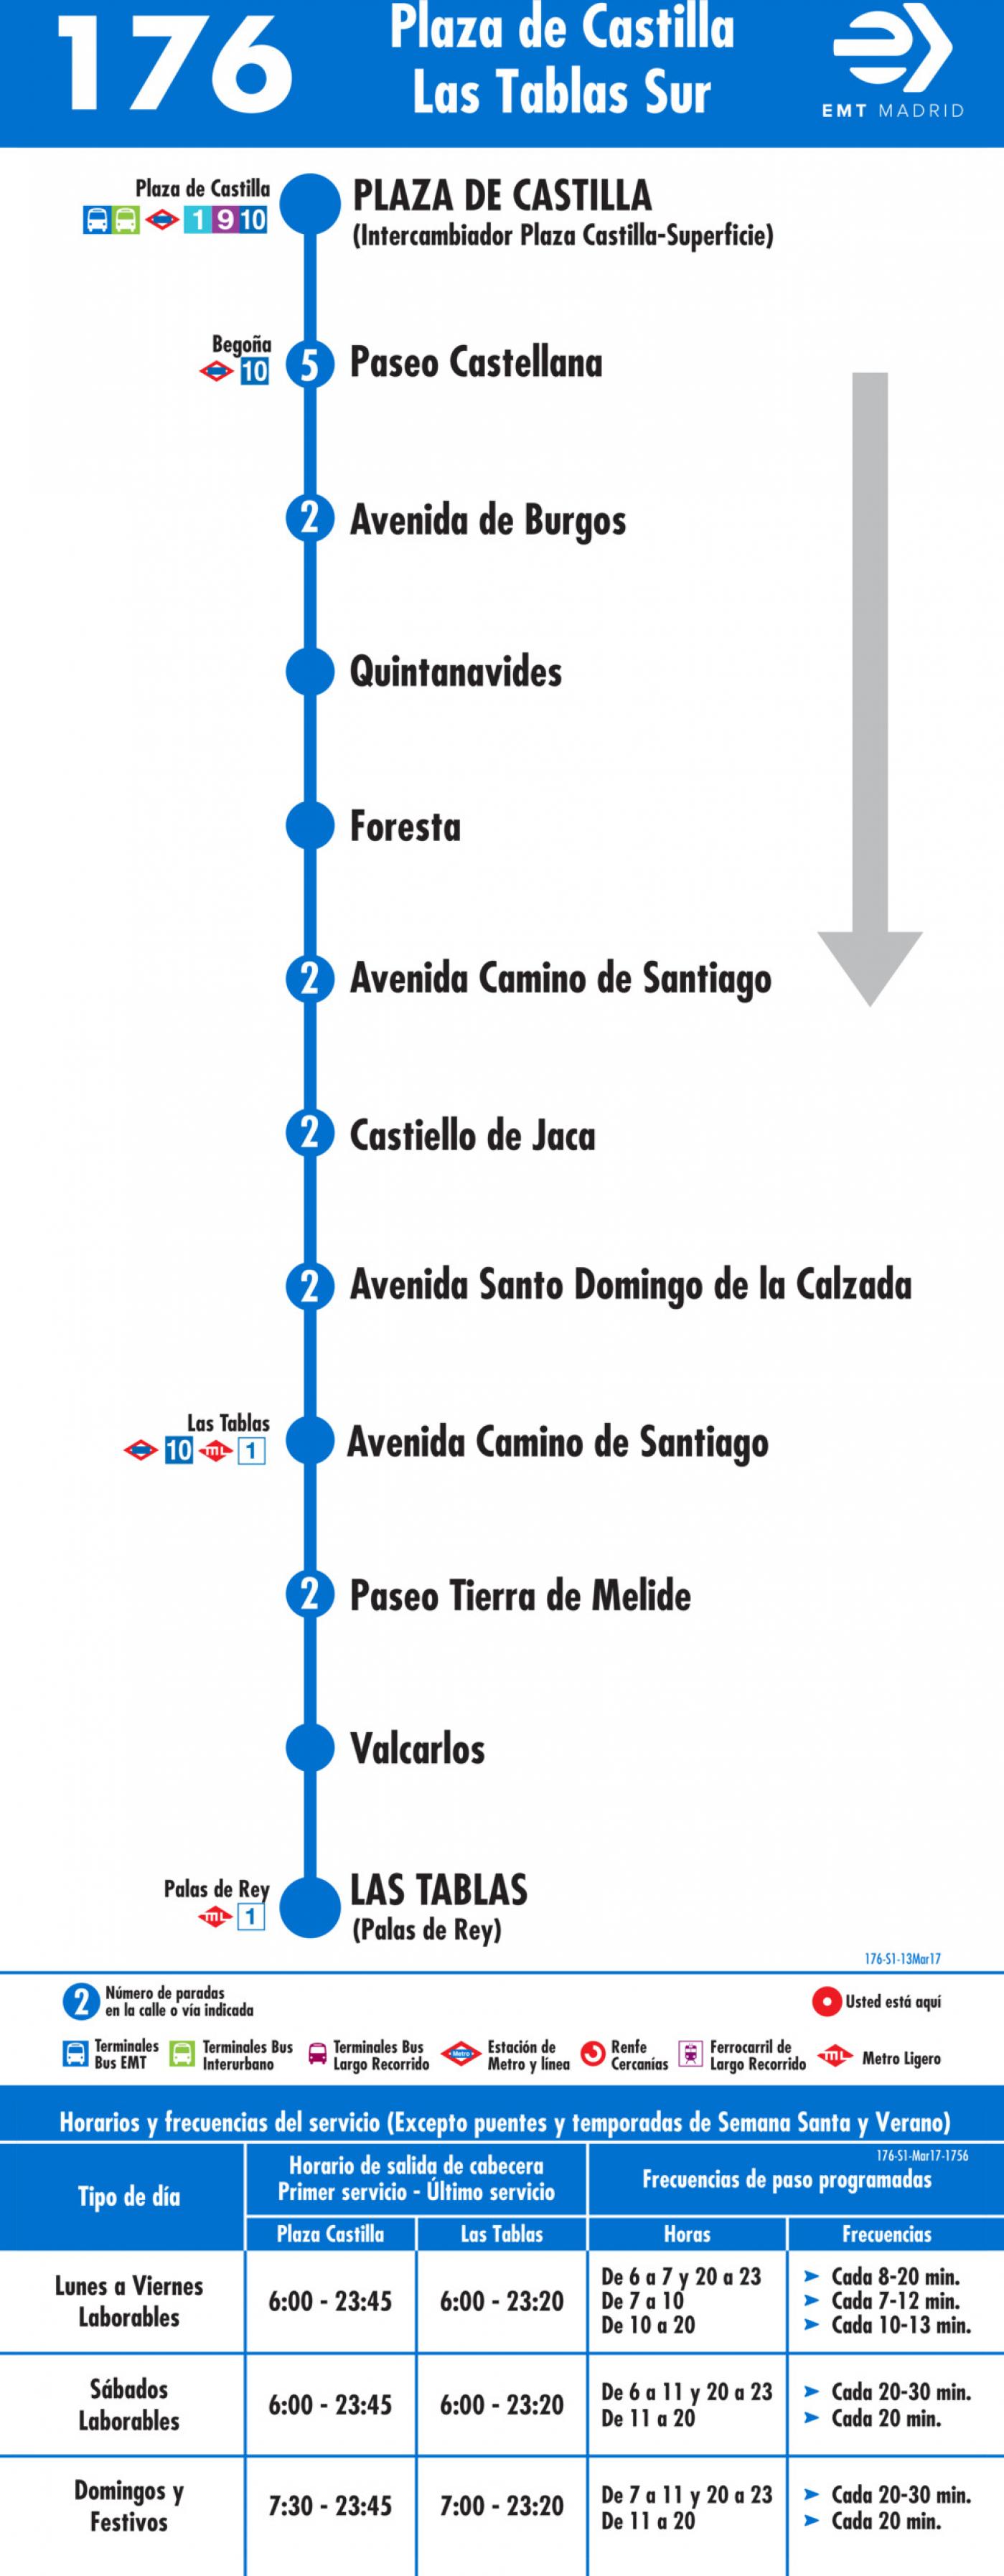 Tabla de horarios y frecuencias de paso en sentido ida Línea 176: Plaza de Castilla - Las Tablas